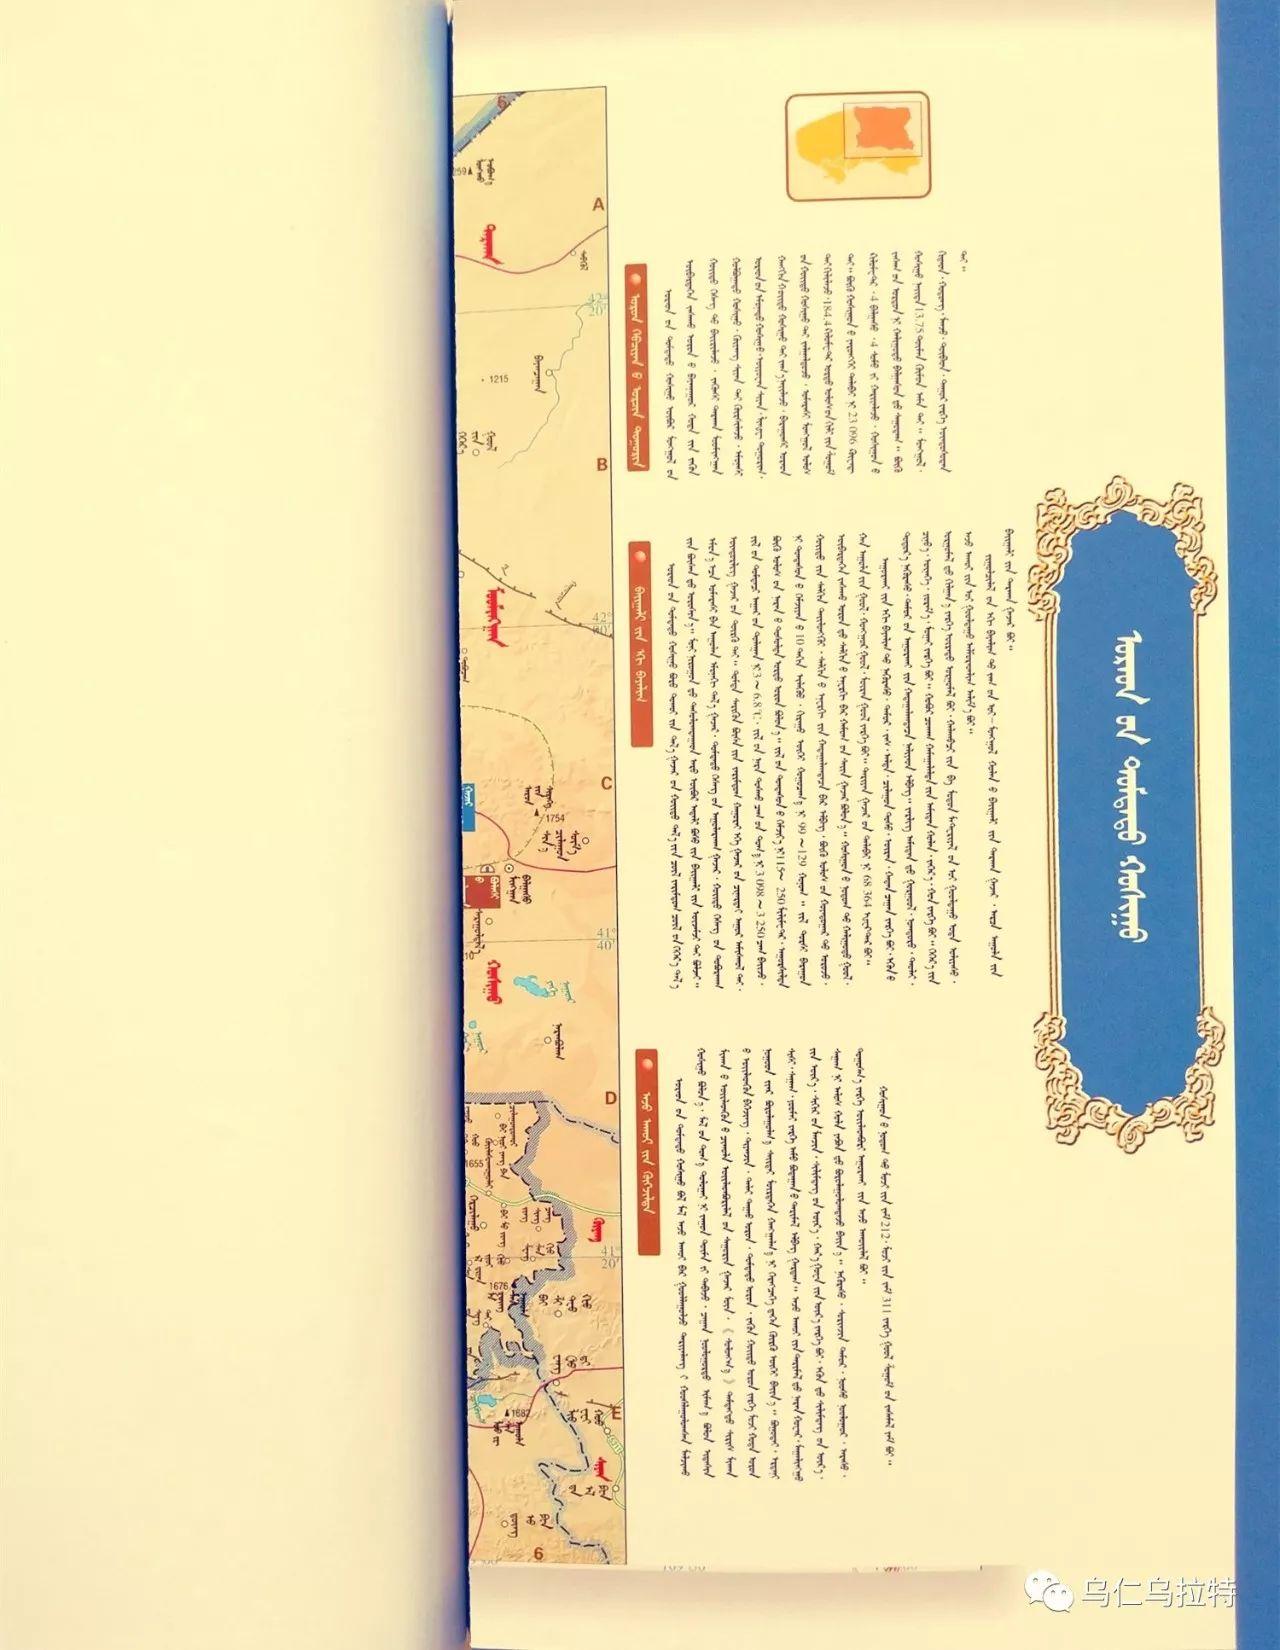 图书介绍《乌拉特历史文化》 第55张